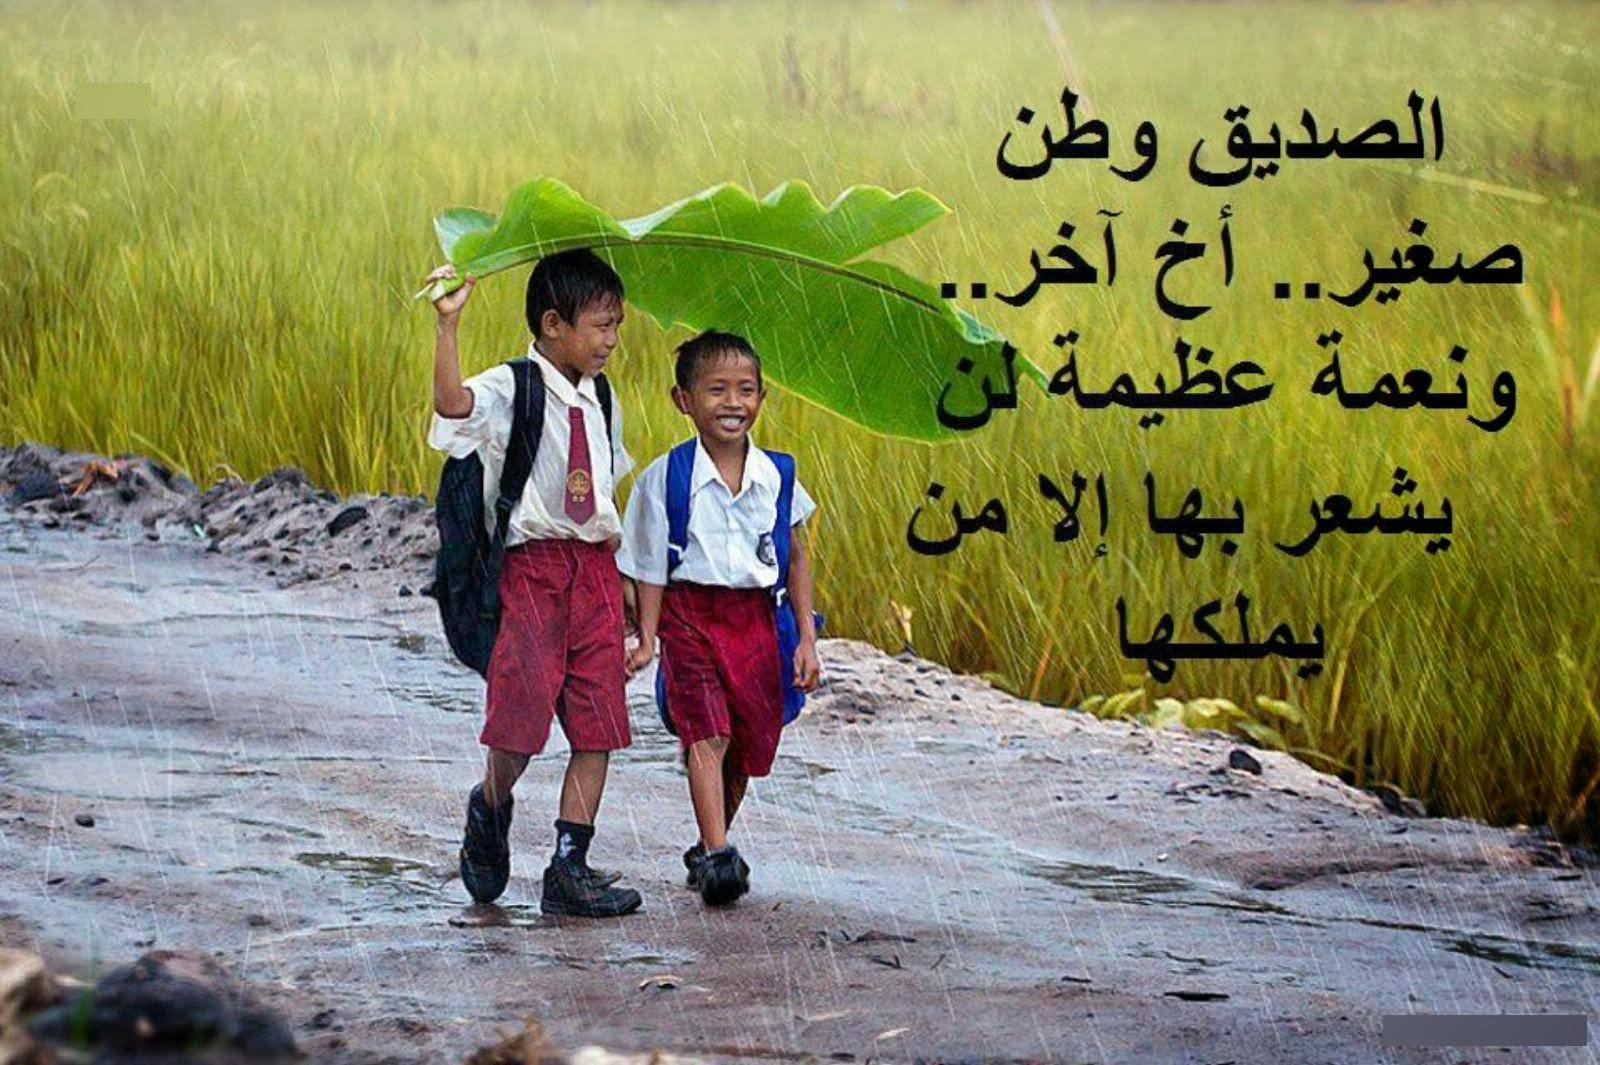 صوره كلام جميل جدا للاصدقاء